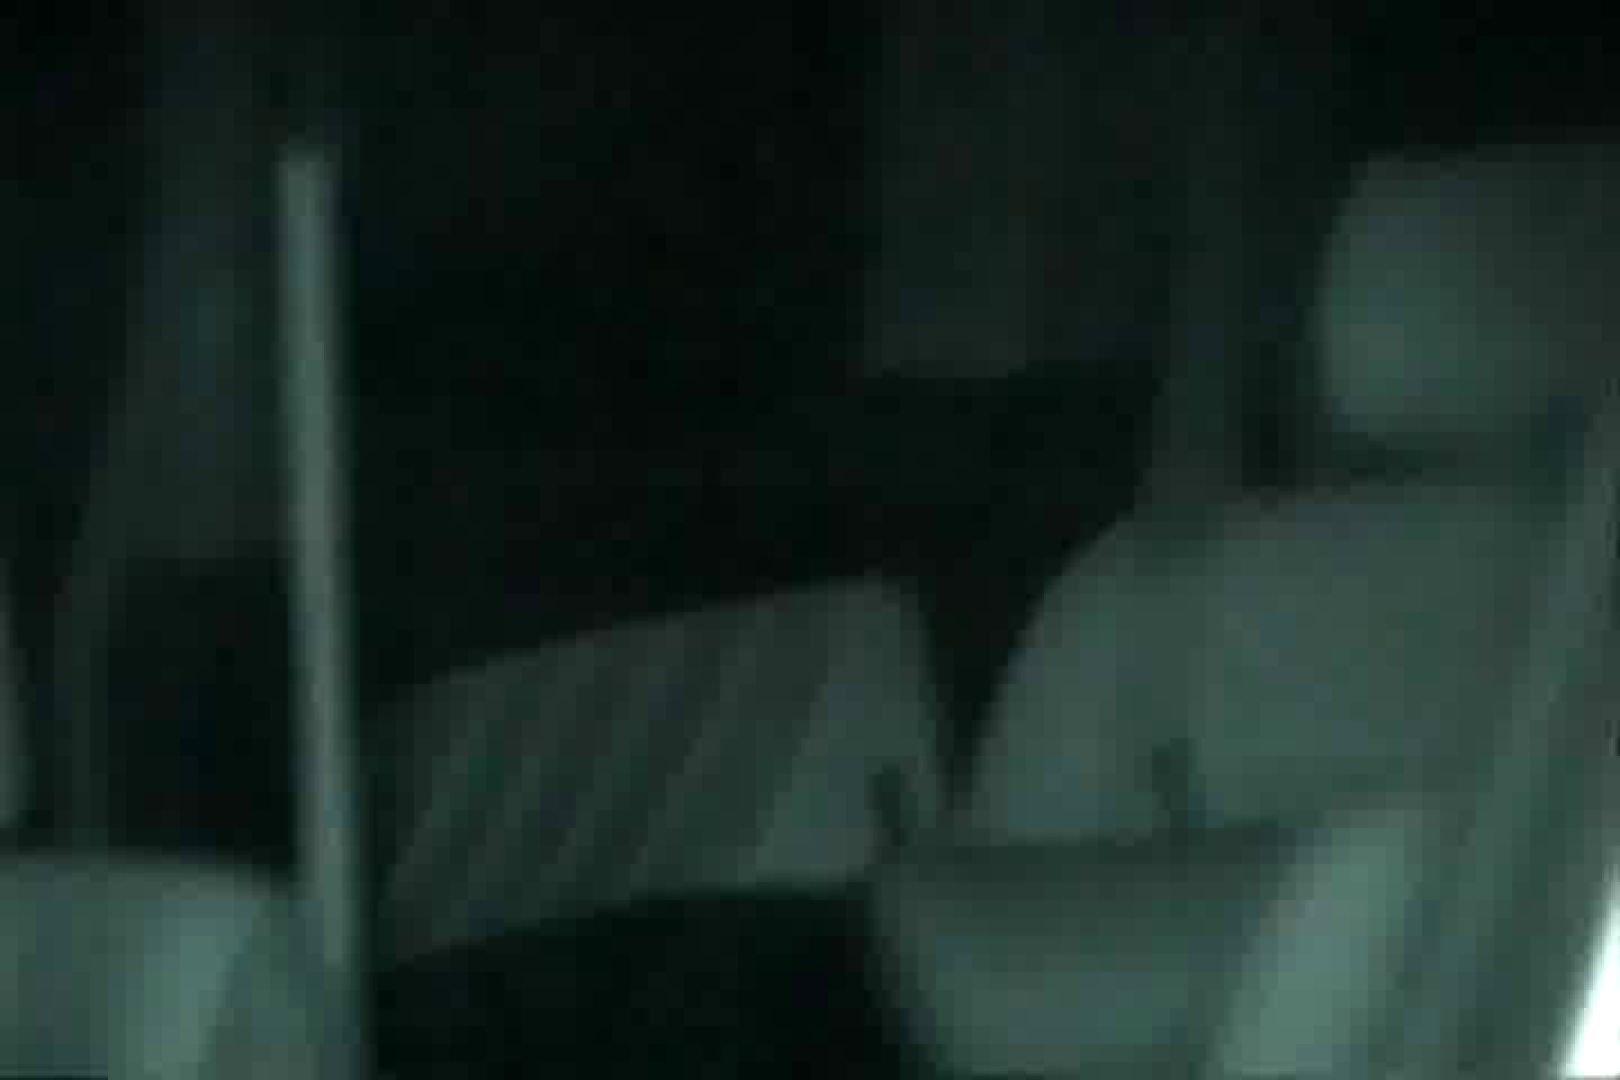 充血監督の深夜の運動会Vol.124 OLの実態 隠し撮りAV無料 92pic 44